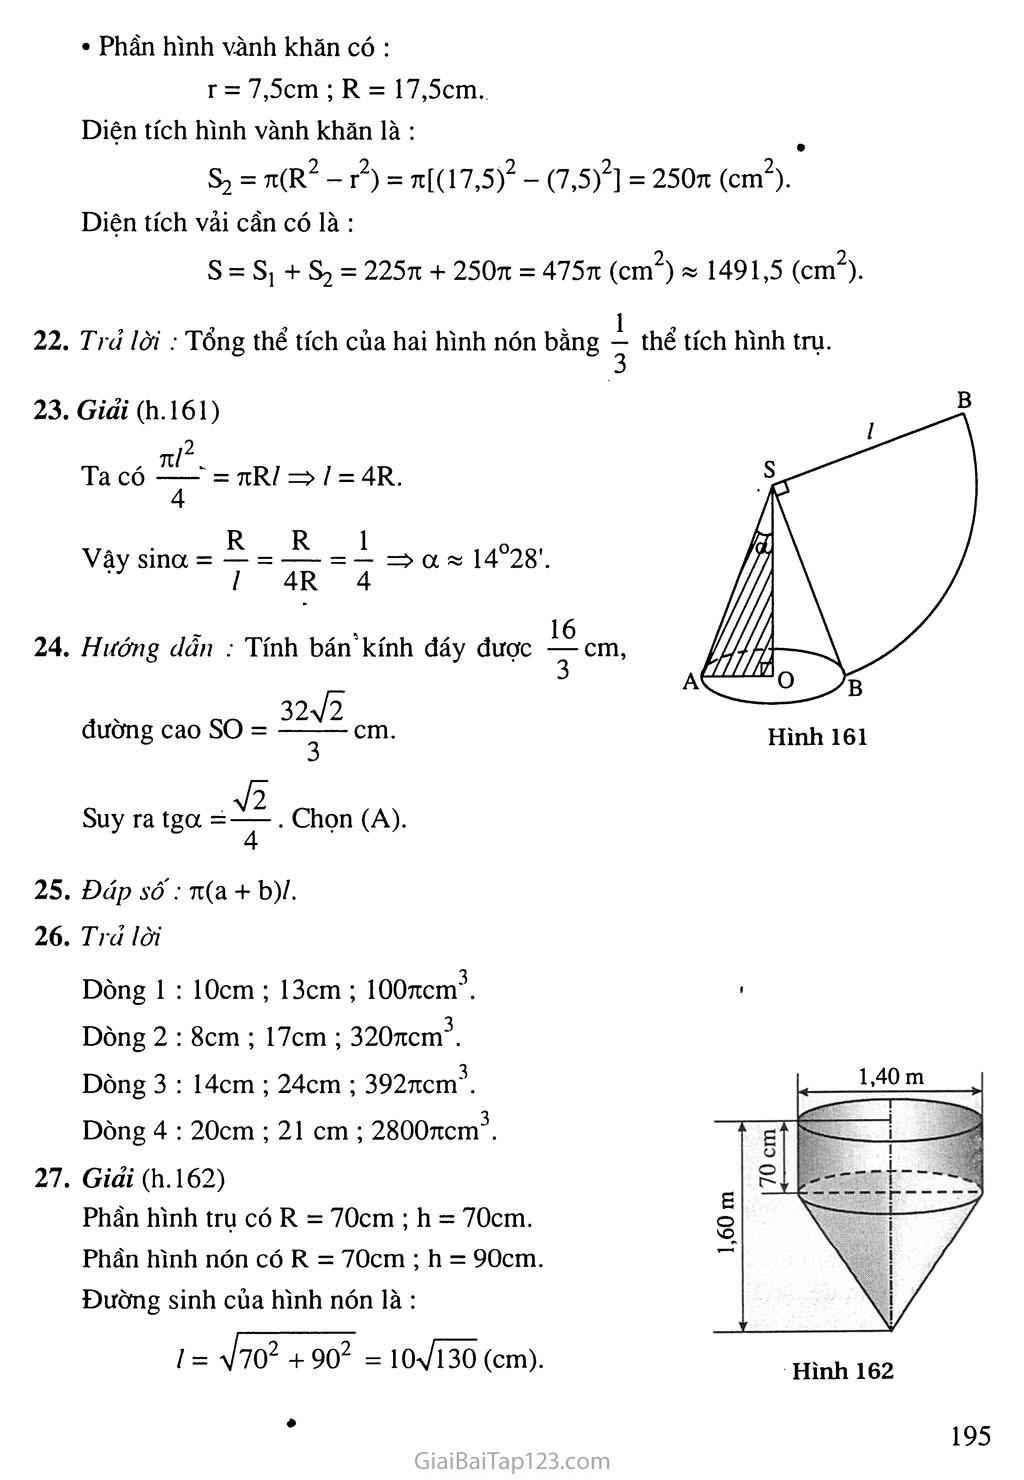 Bài 2. Hình nón - Hình nón cụt - Diện tích xung quanh và thể tích của hình nón, hình nón cụt trang 5